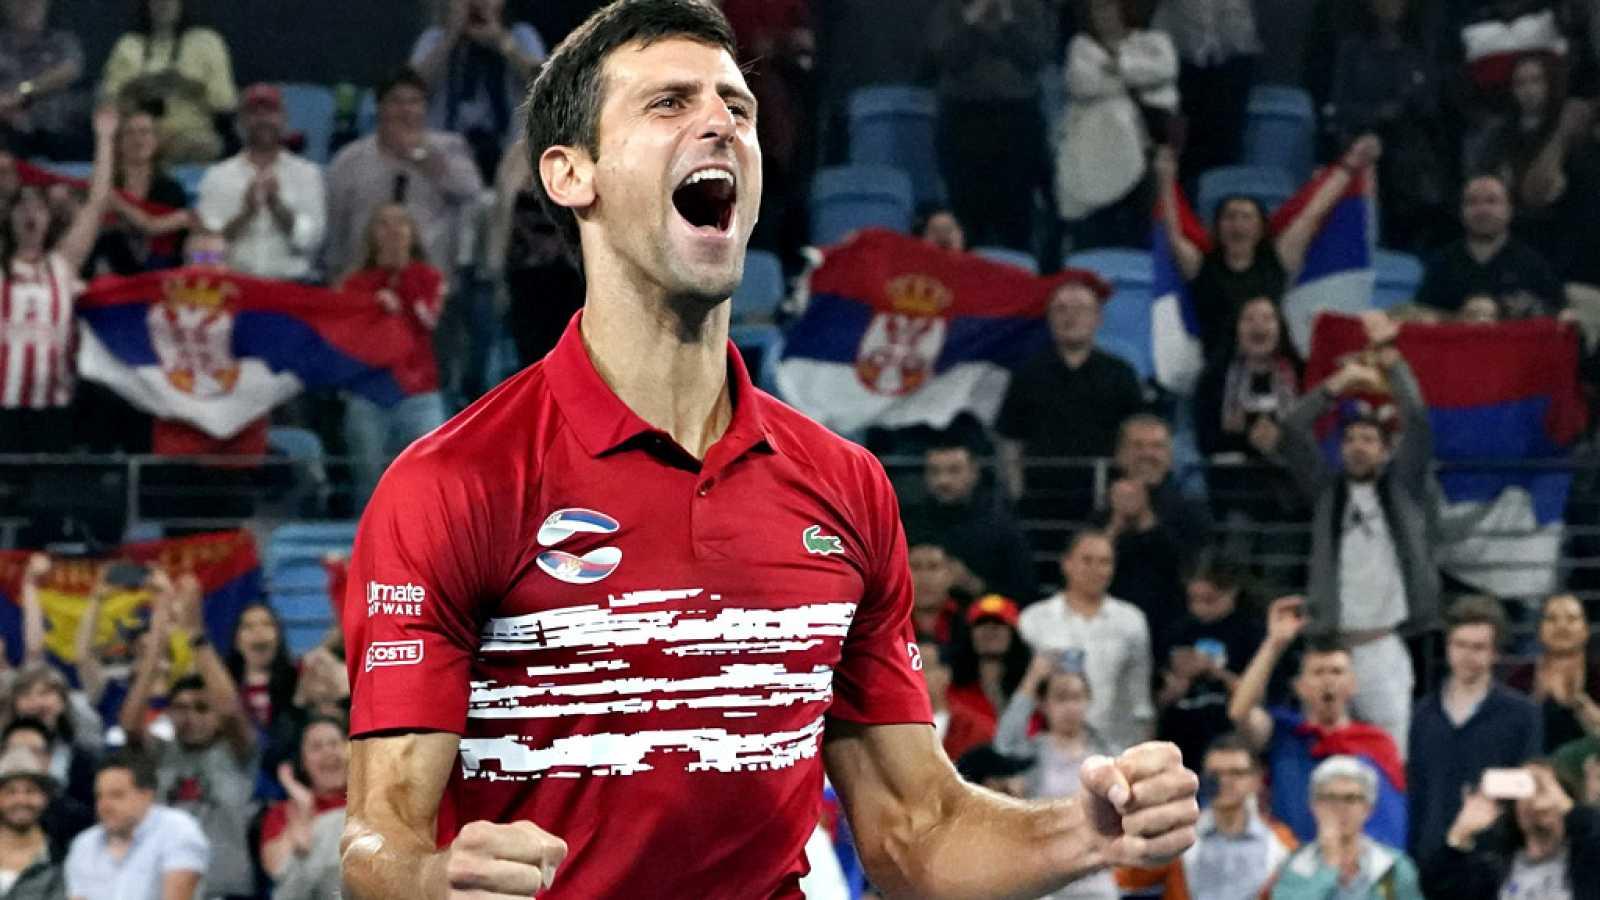 El número uno del mundo, el español Rafael Nadal no pudo con el segundo Novak Djokovic y cayó ante el serbio por 6-2 y 7-6(4). Antes, Roberto Bautista consiguió el primer punto para España ante Dusan Lajovic, al vencerle por 7-5 y 6-1.